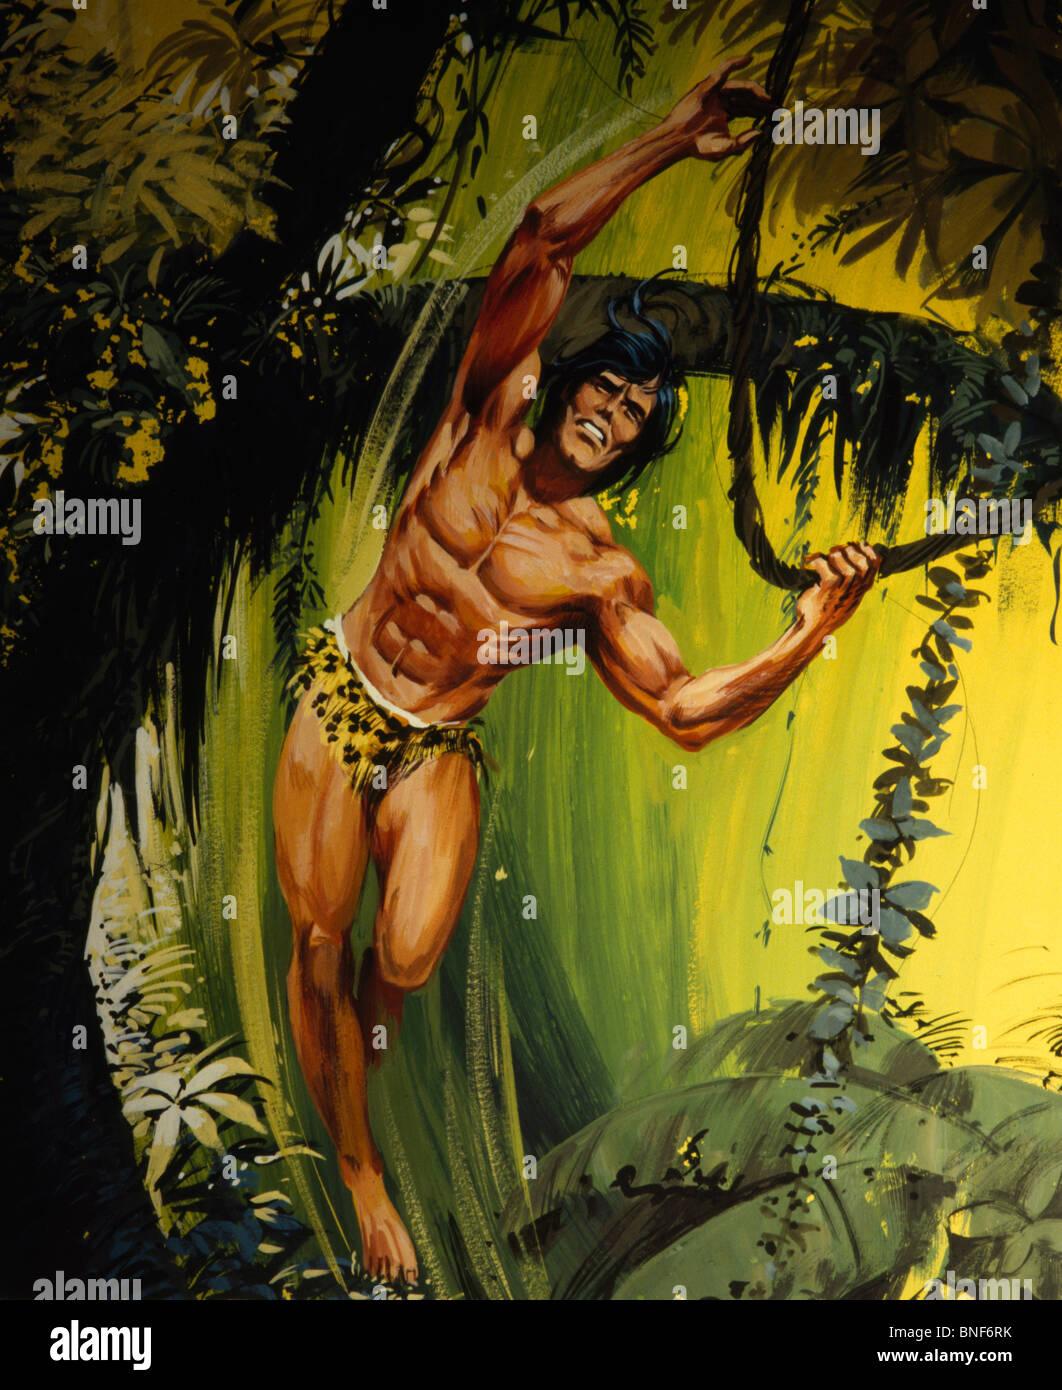 Tarzan in jungle Stock Photo - Alamy